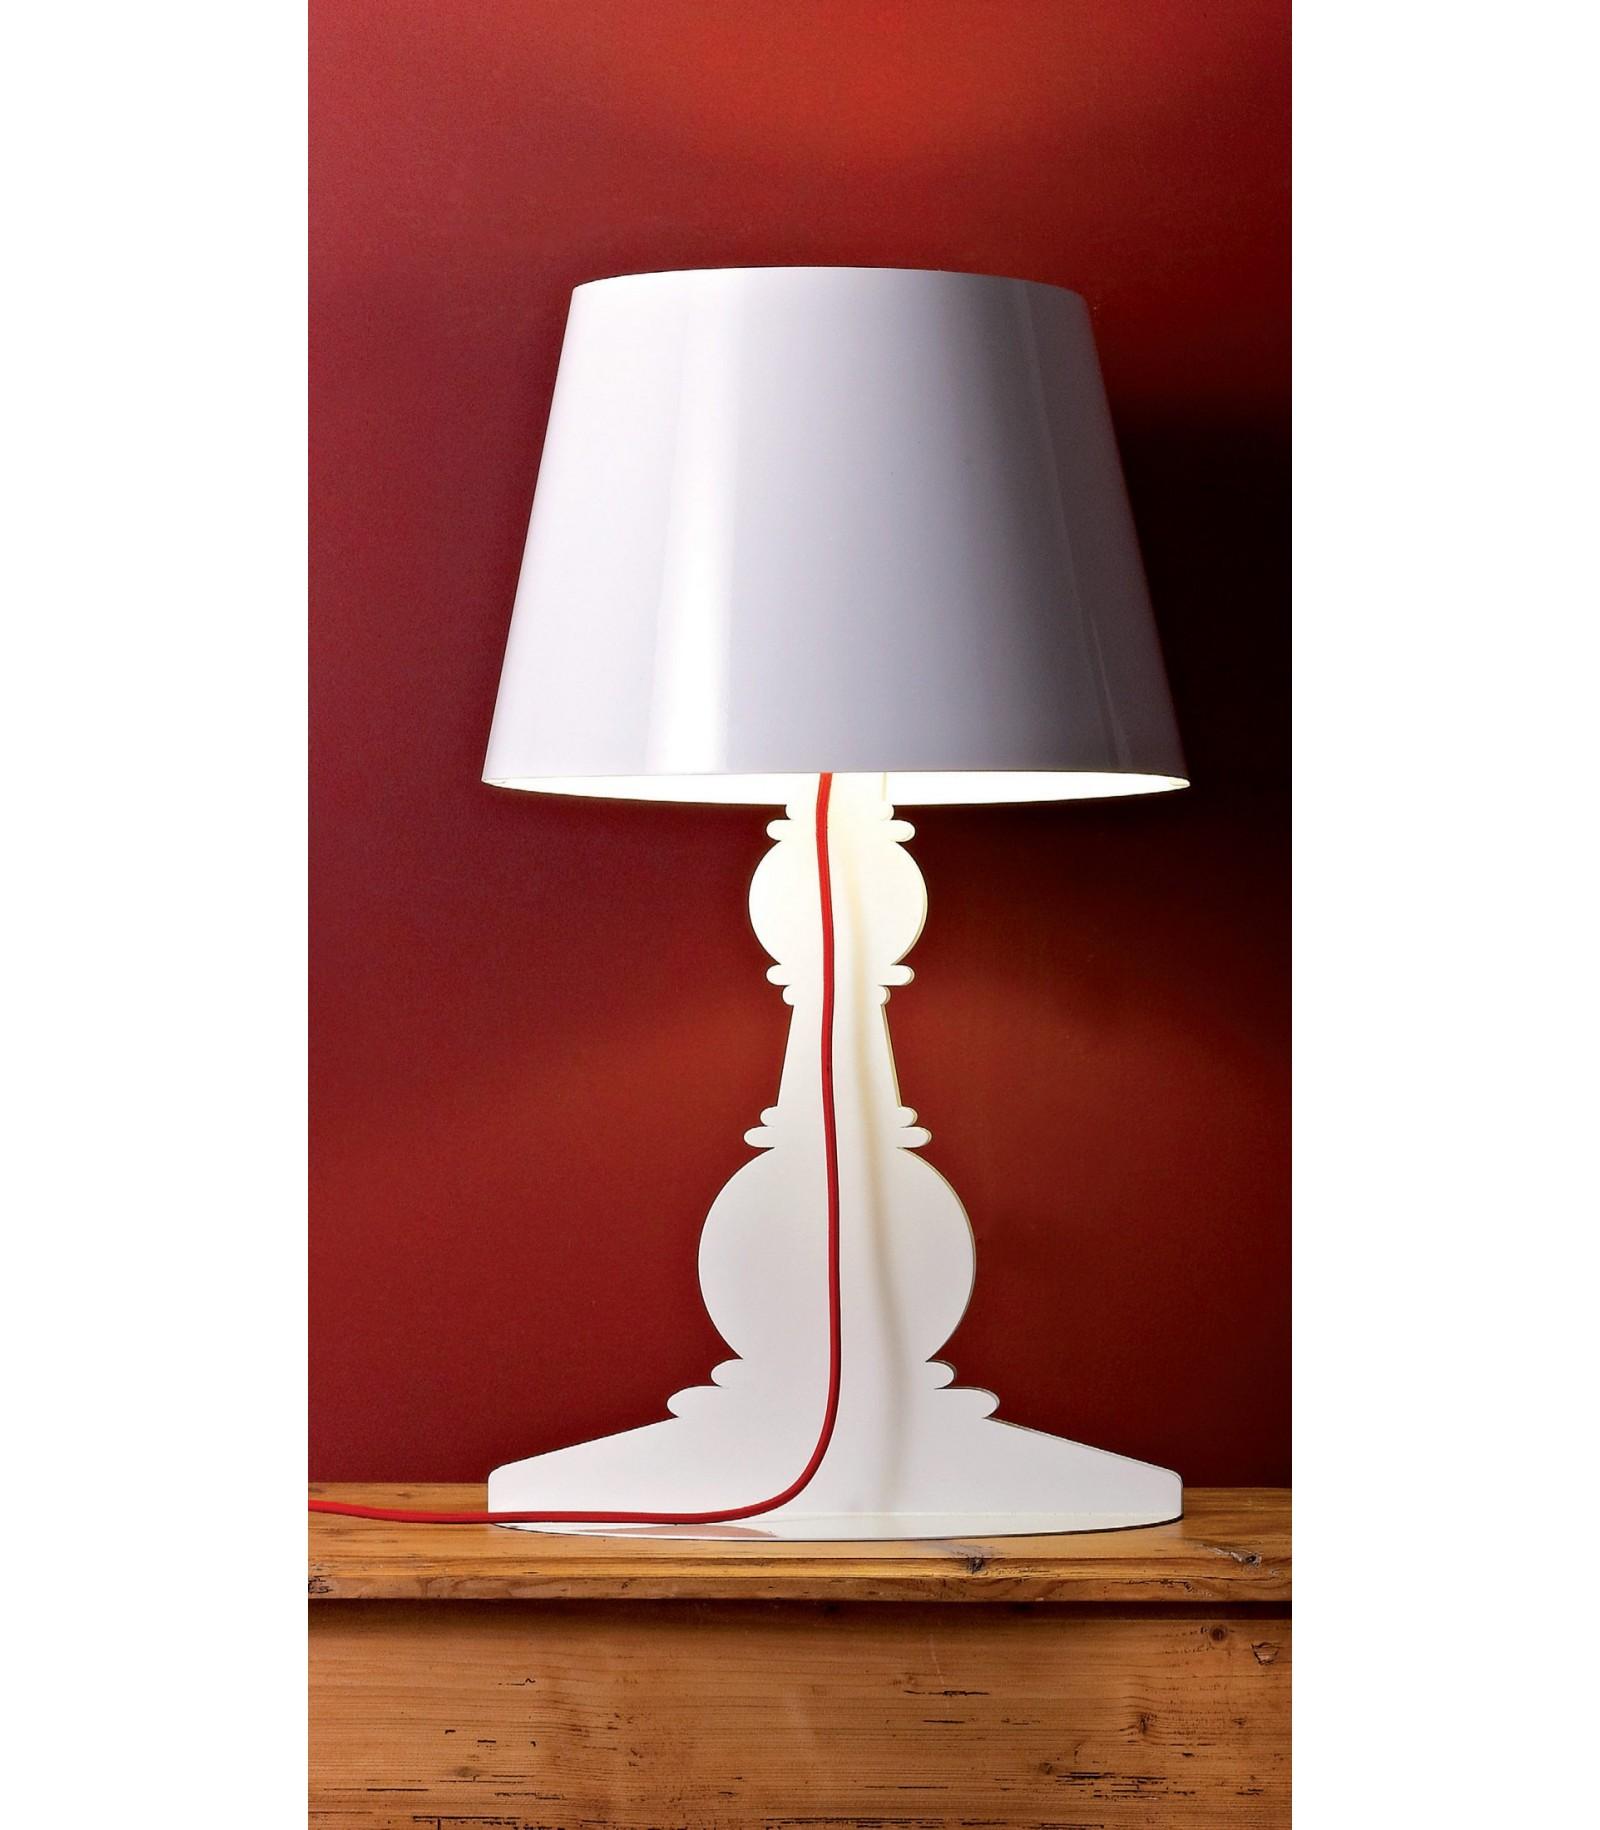 Lampada da tavolo modello dem table comprate qui - Lampada da tavolo pipistrello ...